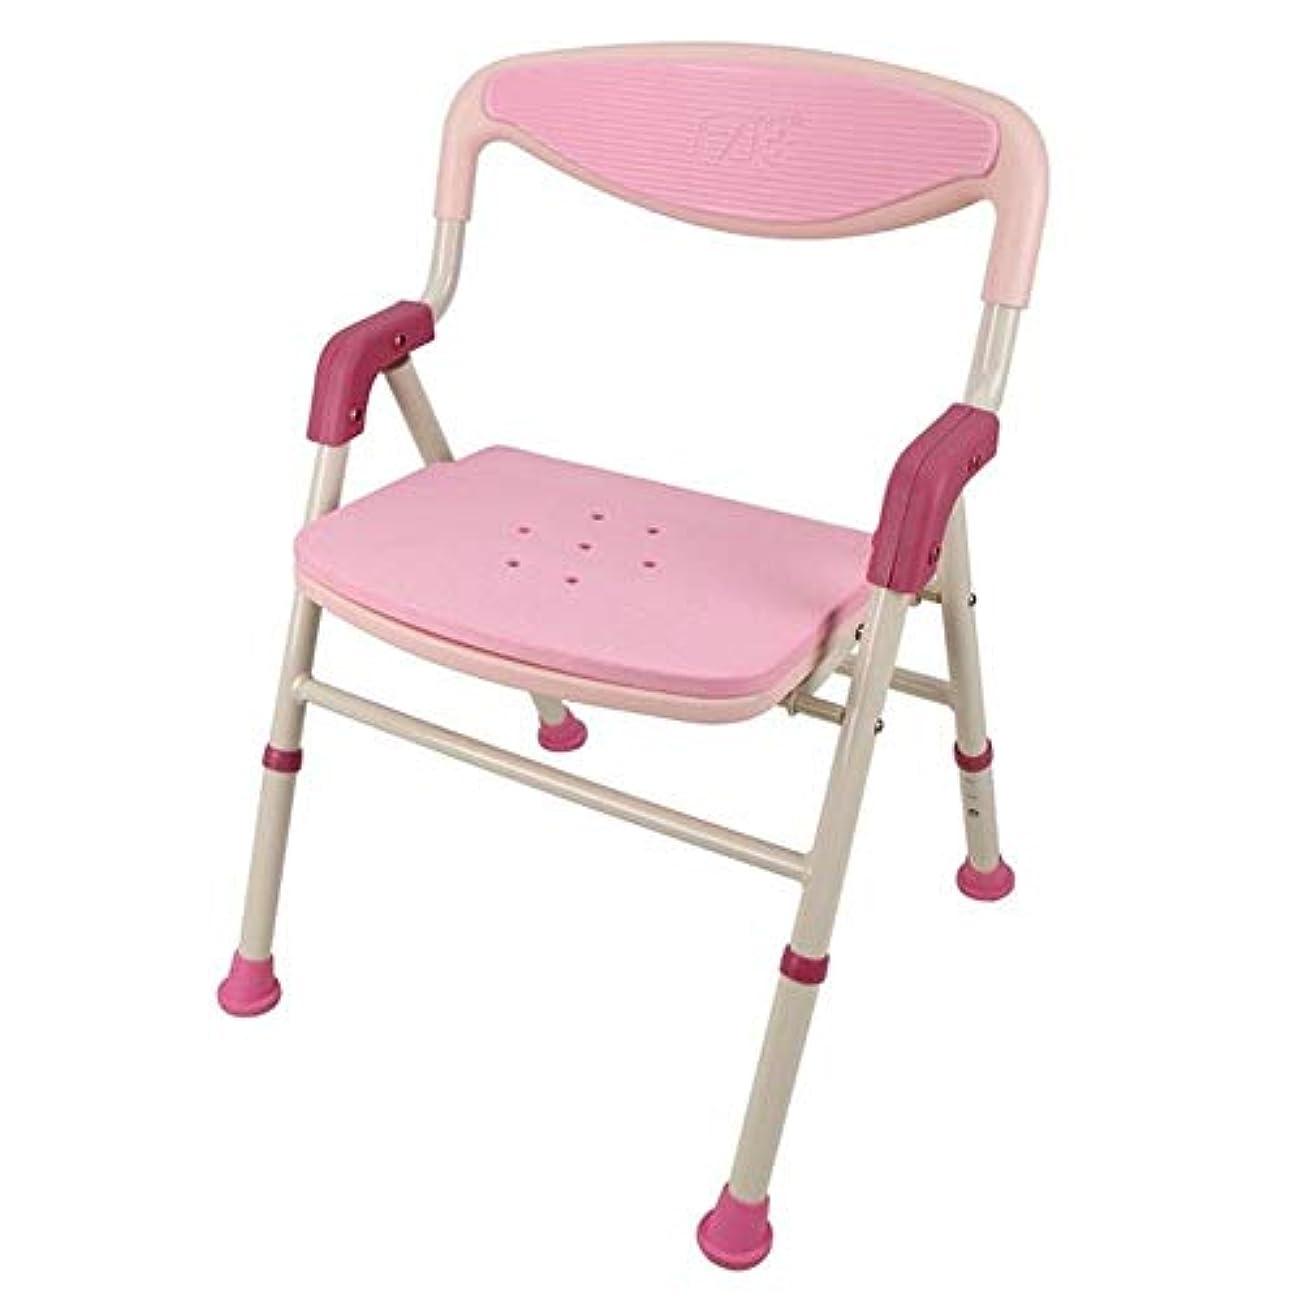 リラックスペレグリネーション入り口浴室の腰掛けのアルミニウムシャワーの座席椅子の滑り止めの高さの調節可能な障害援助